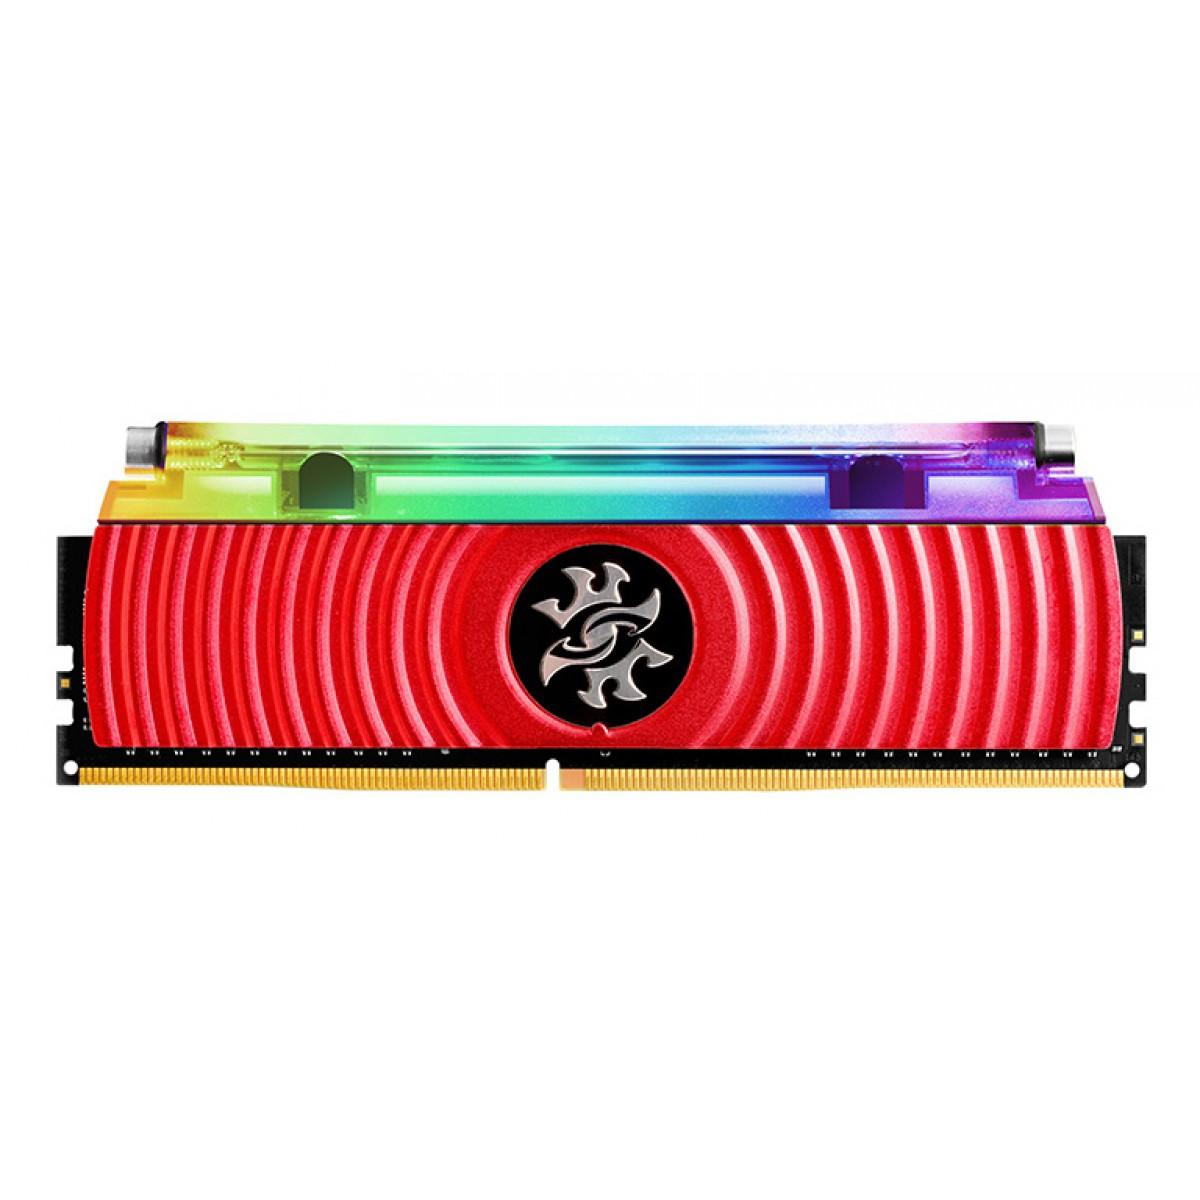 Memória DDR4 XPG Spectrix D80, 16GB, 3200Mhz, CL16, RGB, Red, AX4U3200316G16A-SR80